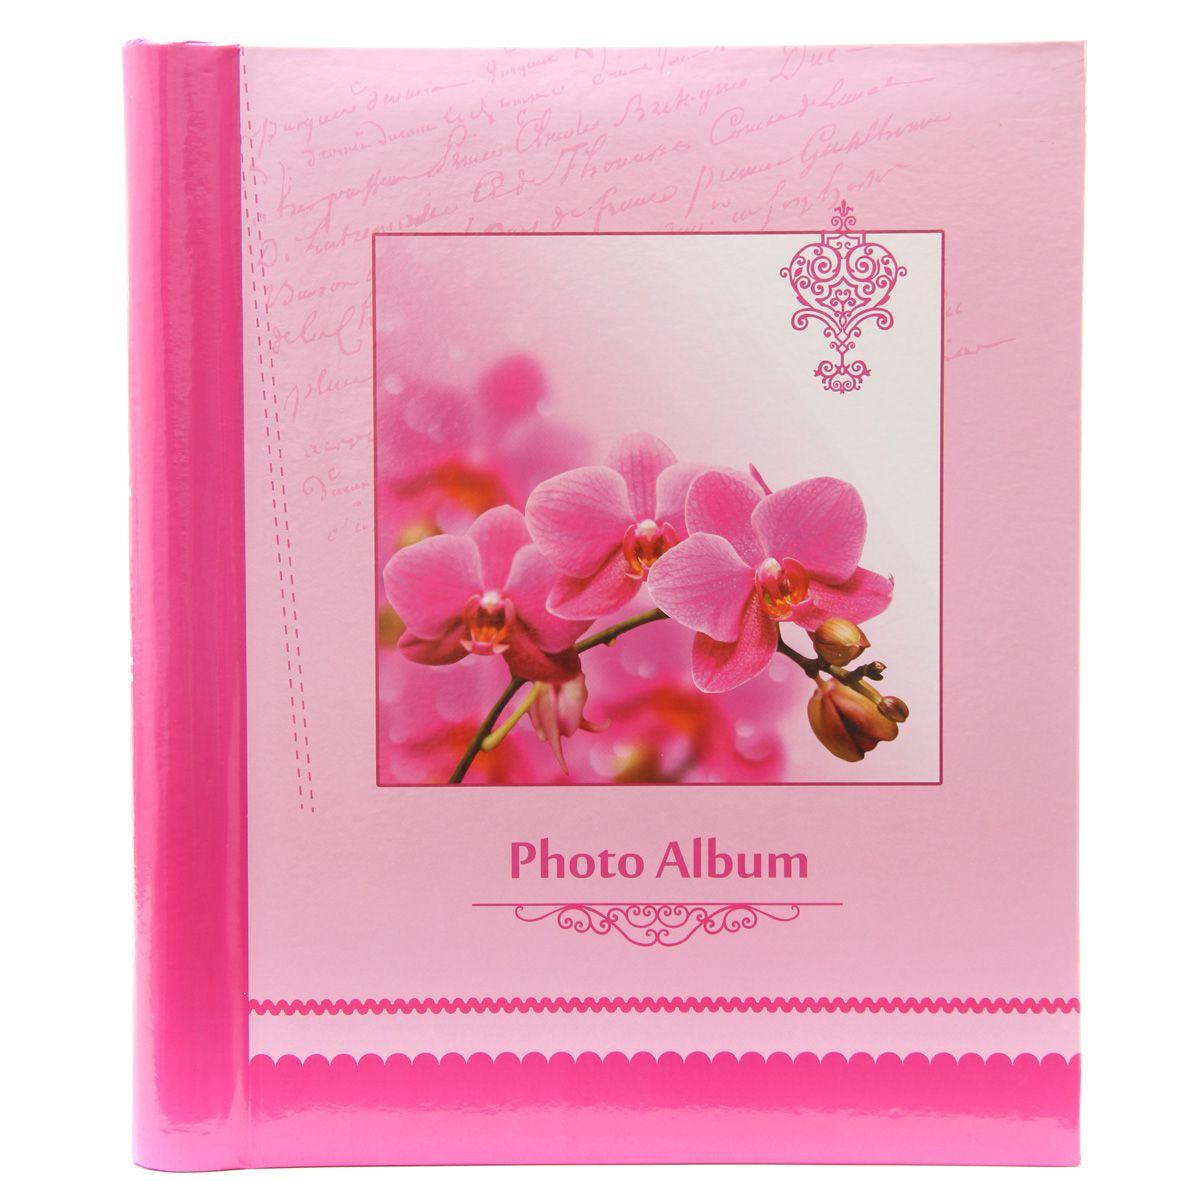 Фотоальбом Pioneer Spring Paints, 20 магнитных листов, цвет: розовый, 23 х 28 см46451 AP202328SAАльбом для фотографий. Кол-во листов: 20. Материалы, использованные в изготовлении альбома, обеспечивают высокое качество хранения Ваших фотографий, поэтому фотографии не желтеют со временем Конечно, никаких магнитов в этих альбомах нет. Есть страницы из плотной бумаги или тонкого картона, на этих страницах нанесено клейковатое покрытие и сверху страница закрыта прозрачной плёнкой, которая зафиксирована на внешнем ребре страницы. Фотографии на такой странице держатся за счёт того, что плёнка прилипает (как бы примагничивается) к странице. При этом фотографии не повреждаются, т.к. тыльная сторона не приклеивается к странице. Для того, чтобы разместить фотографии на магнитной странице, надо отлепить плёнку по направлению от корешка альбома к внешней (зафиксированной) стороне страницы, разложить фотографии поверх клейковатого покрытия так, как вам нравится. При этом обязательно надо оставлять по периметру страницы свободное поле, к которому и будет «примагничиваться» прозрачная...